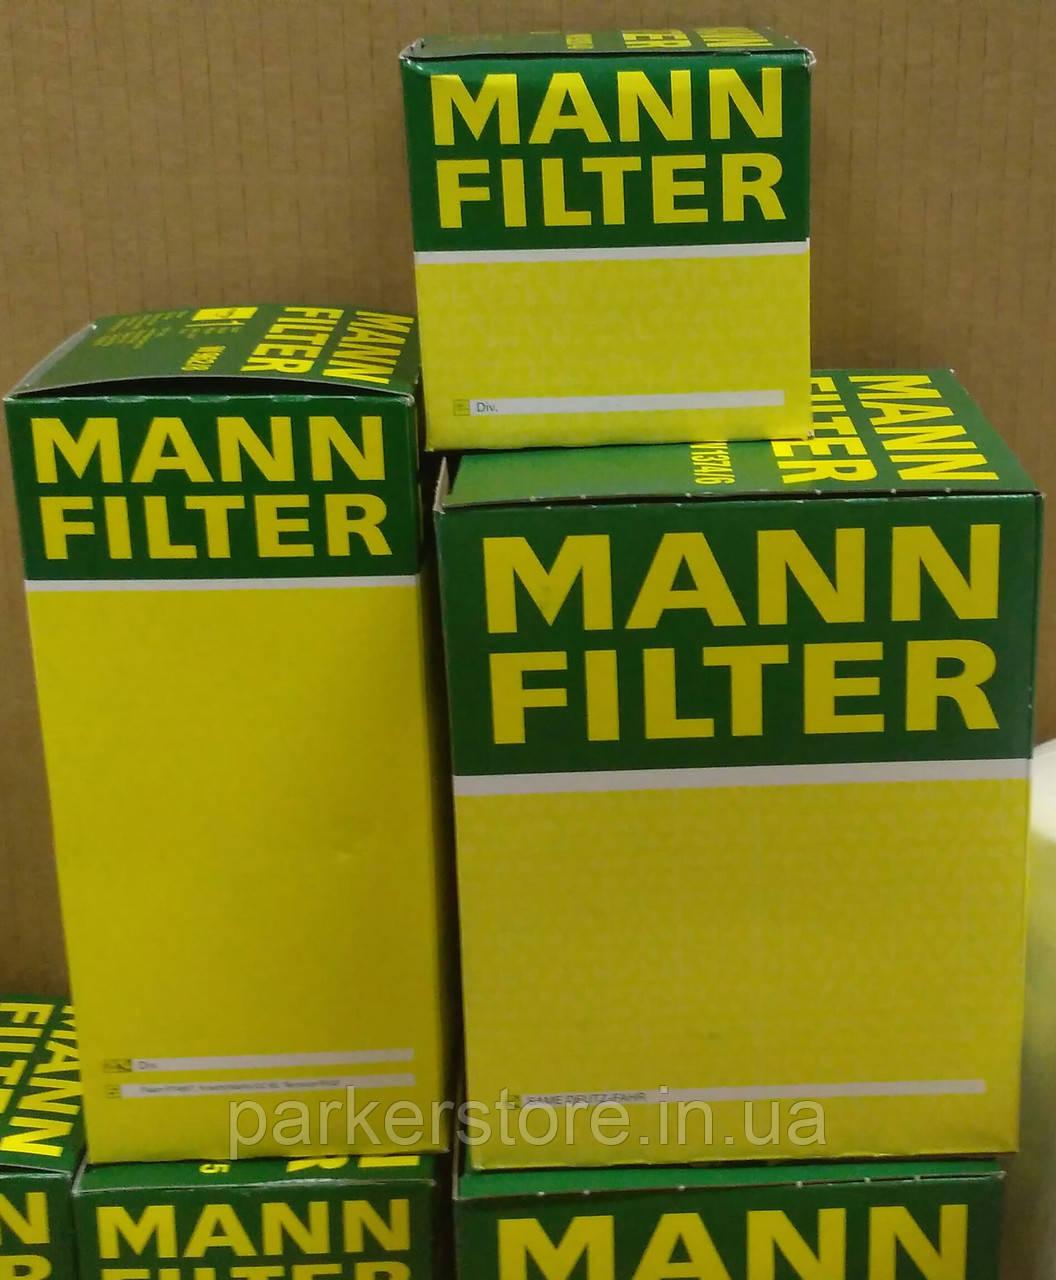 MANN FILTER / Воздушный фильтр / C 33 920 / C33920